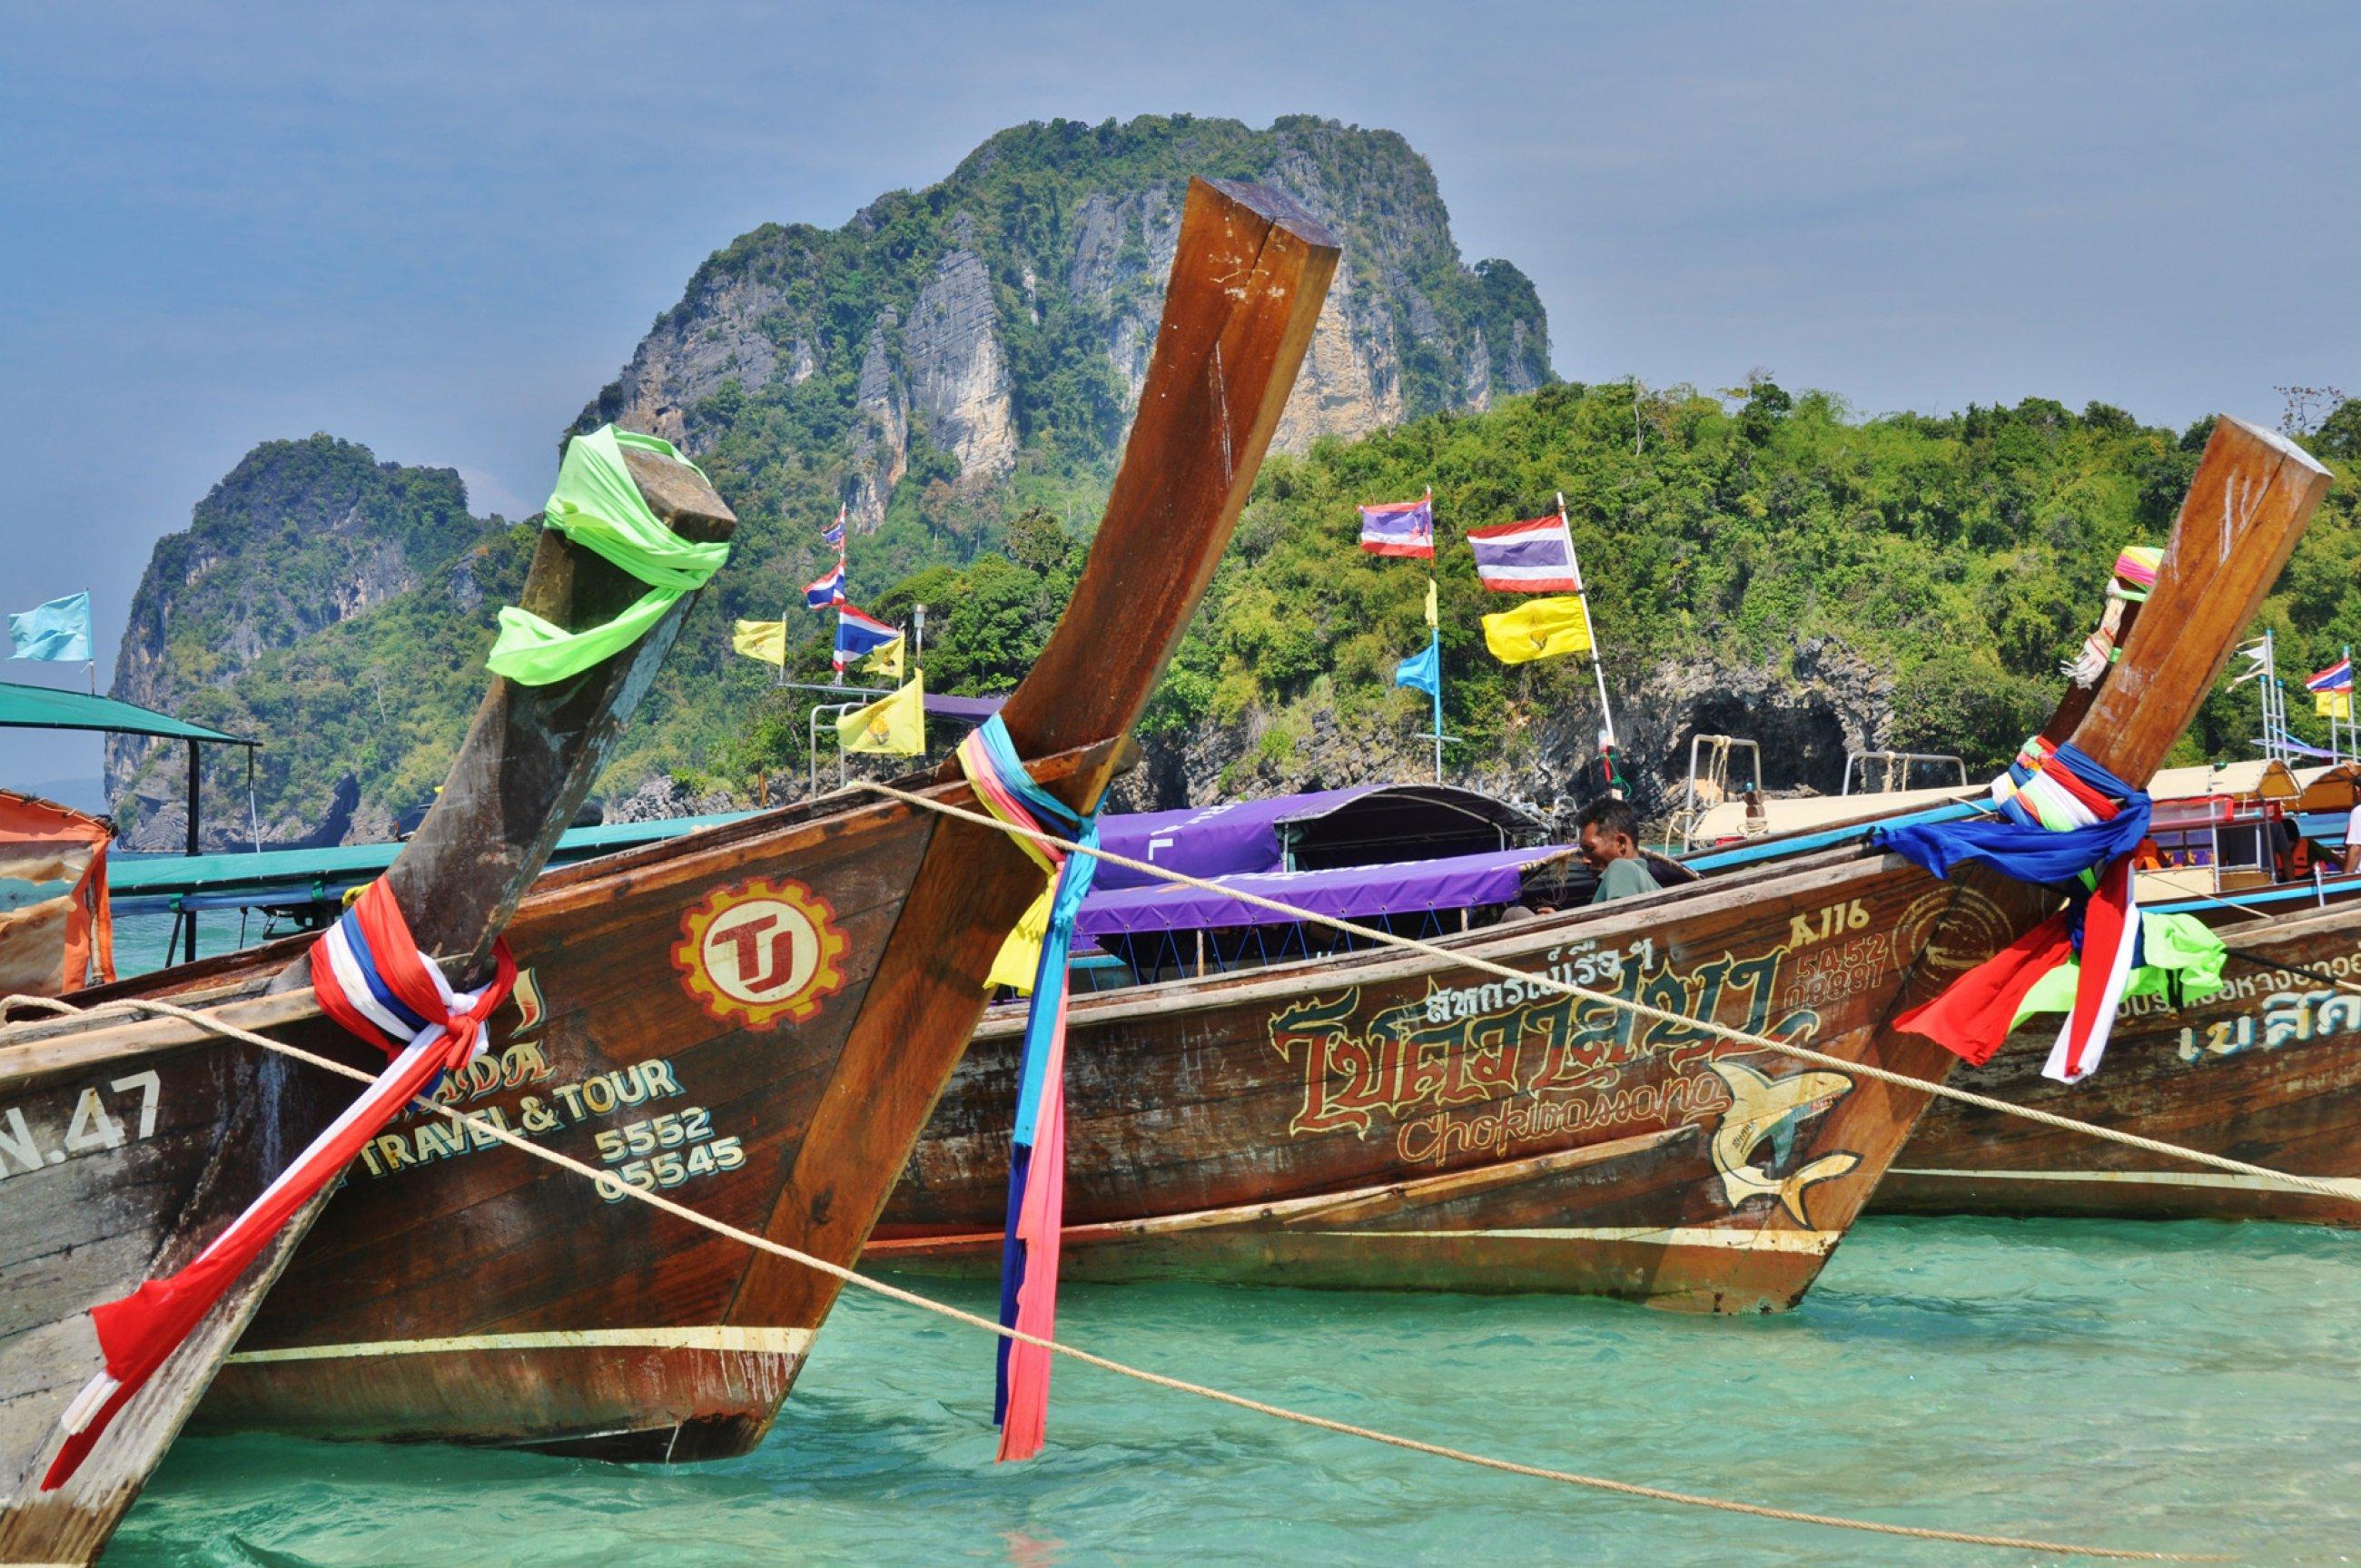 https://bubo.sk/uploads/galleries/5064/krabi-thajsko-tomas-kubus-2015-2-.jpg